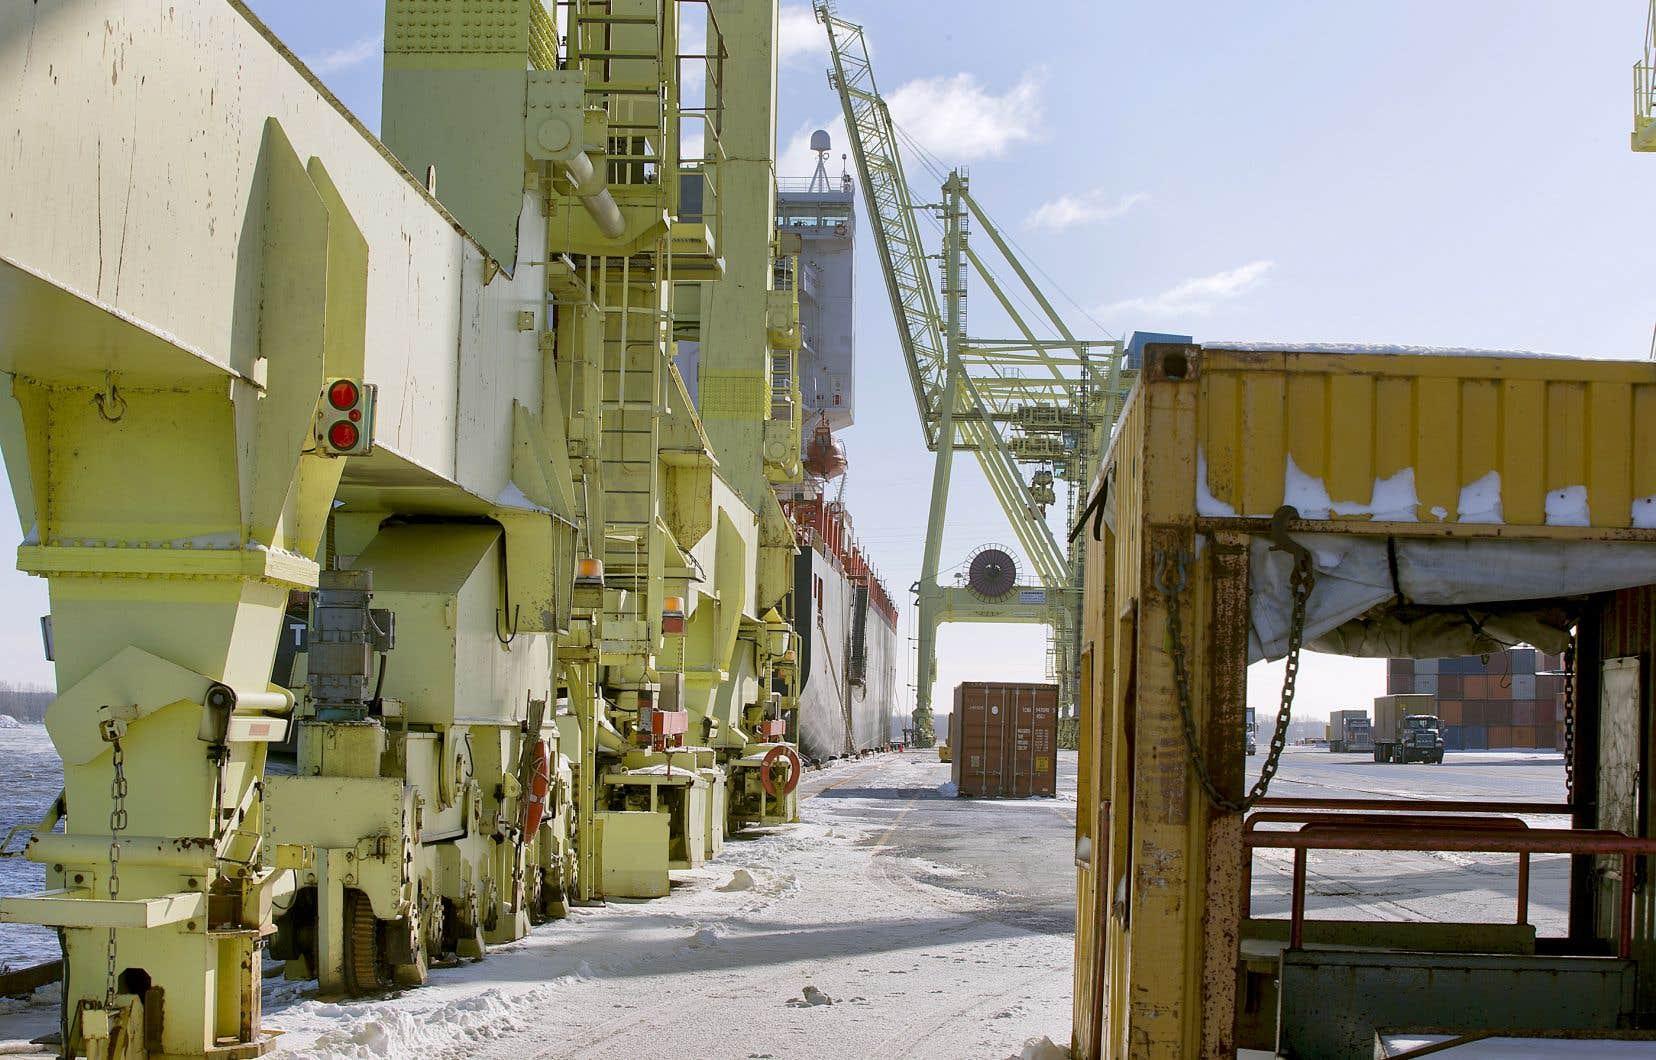 Le gouvernement Trudeau a annoncé qu'il donnait son feu vert au projet de terminal à Contrecœur en dépit de la menace qu'il représente pour l'habitat essentiel du chevalier cuivré. Sur notre photo: un terminal de conteneurs au port de Montréal.